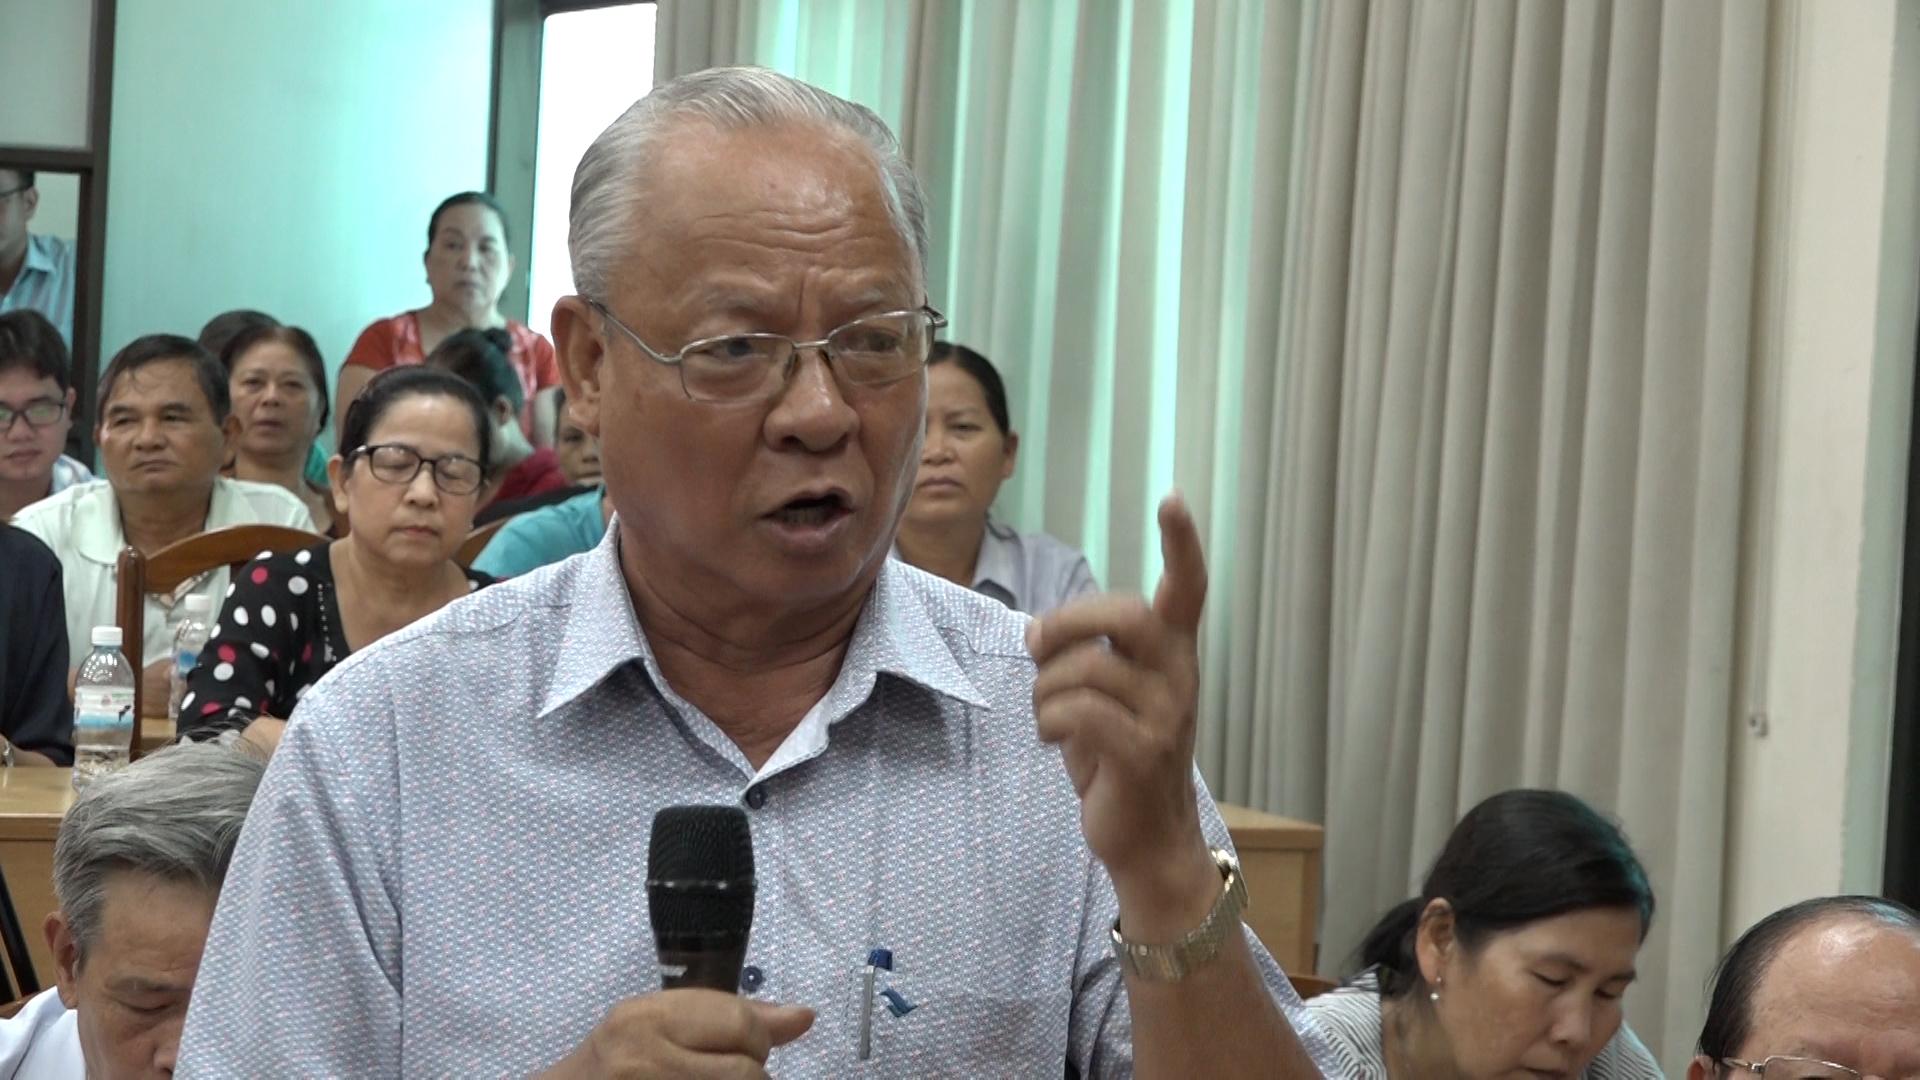 Cử tri quận 2 đề nghị khởi tố đại án Thủ Thiêm